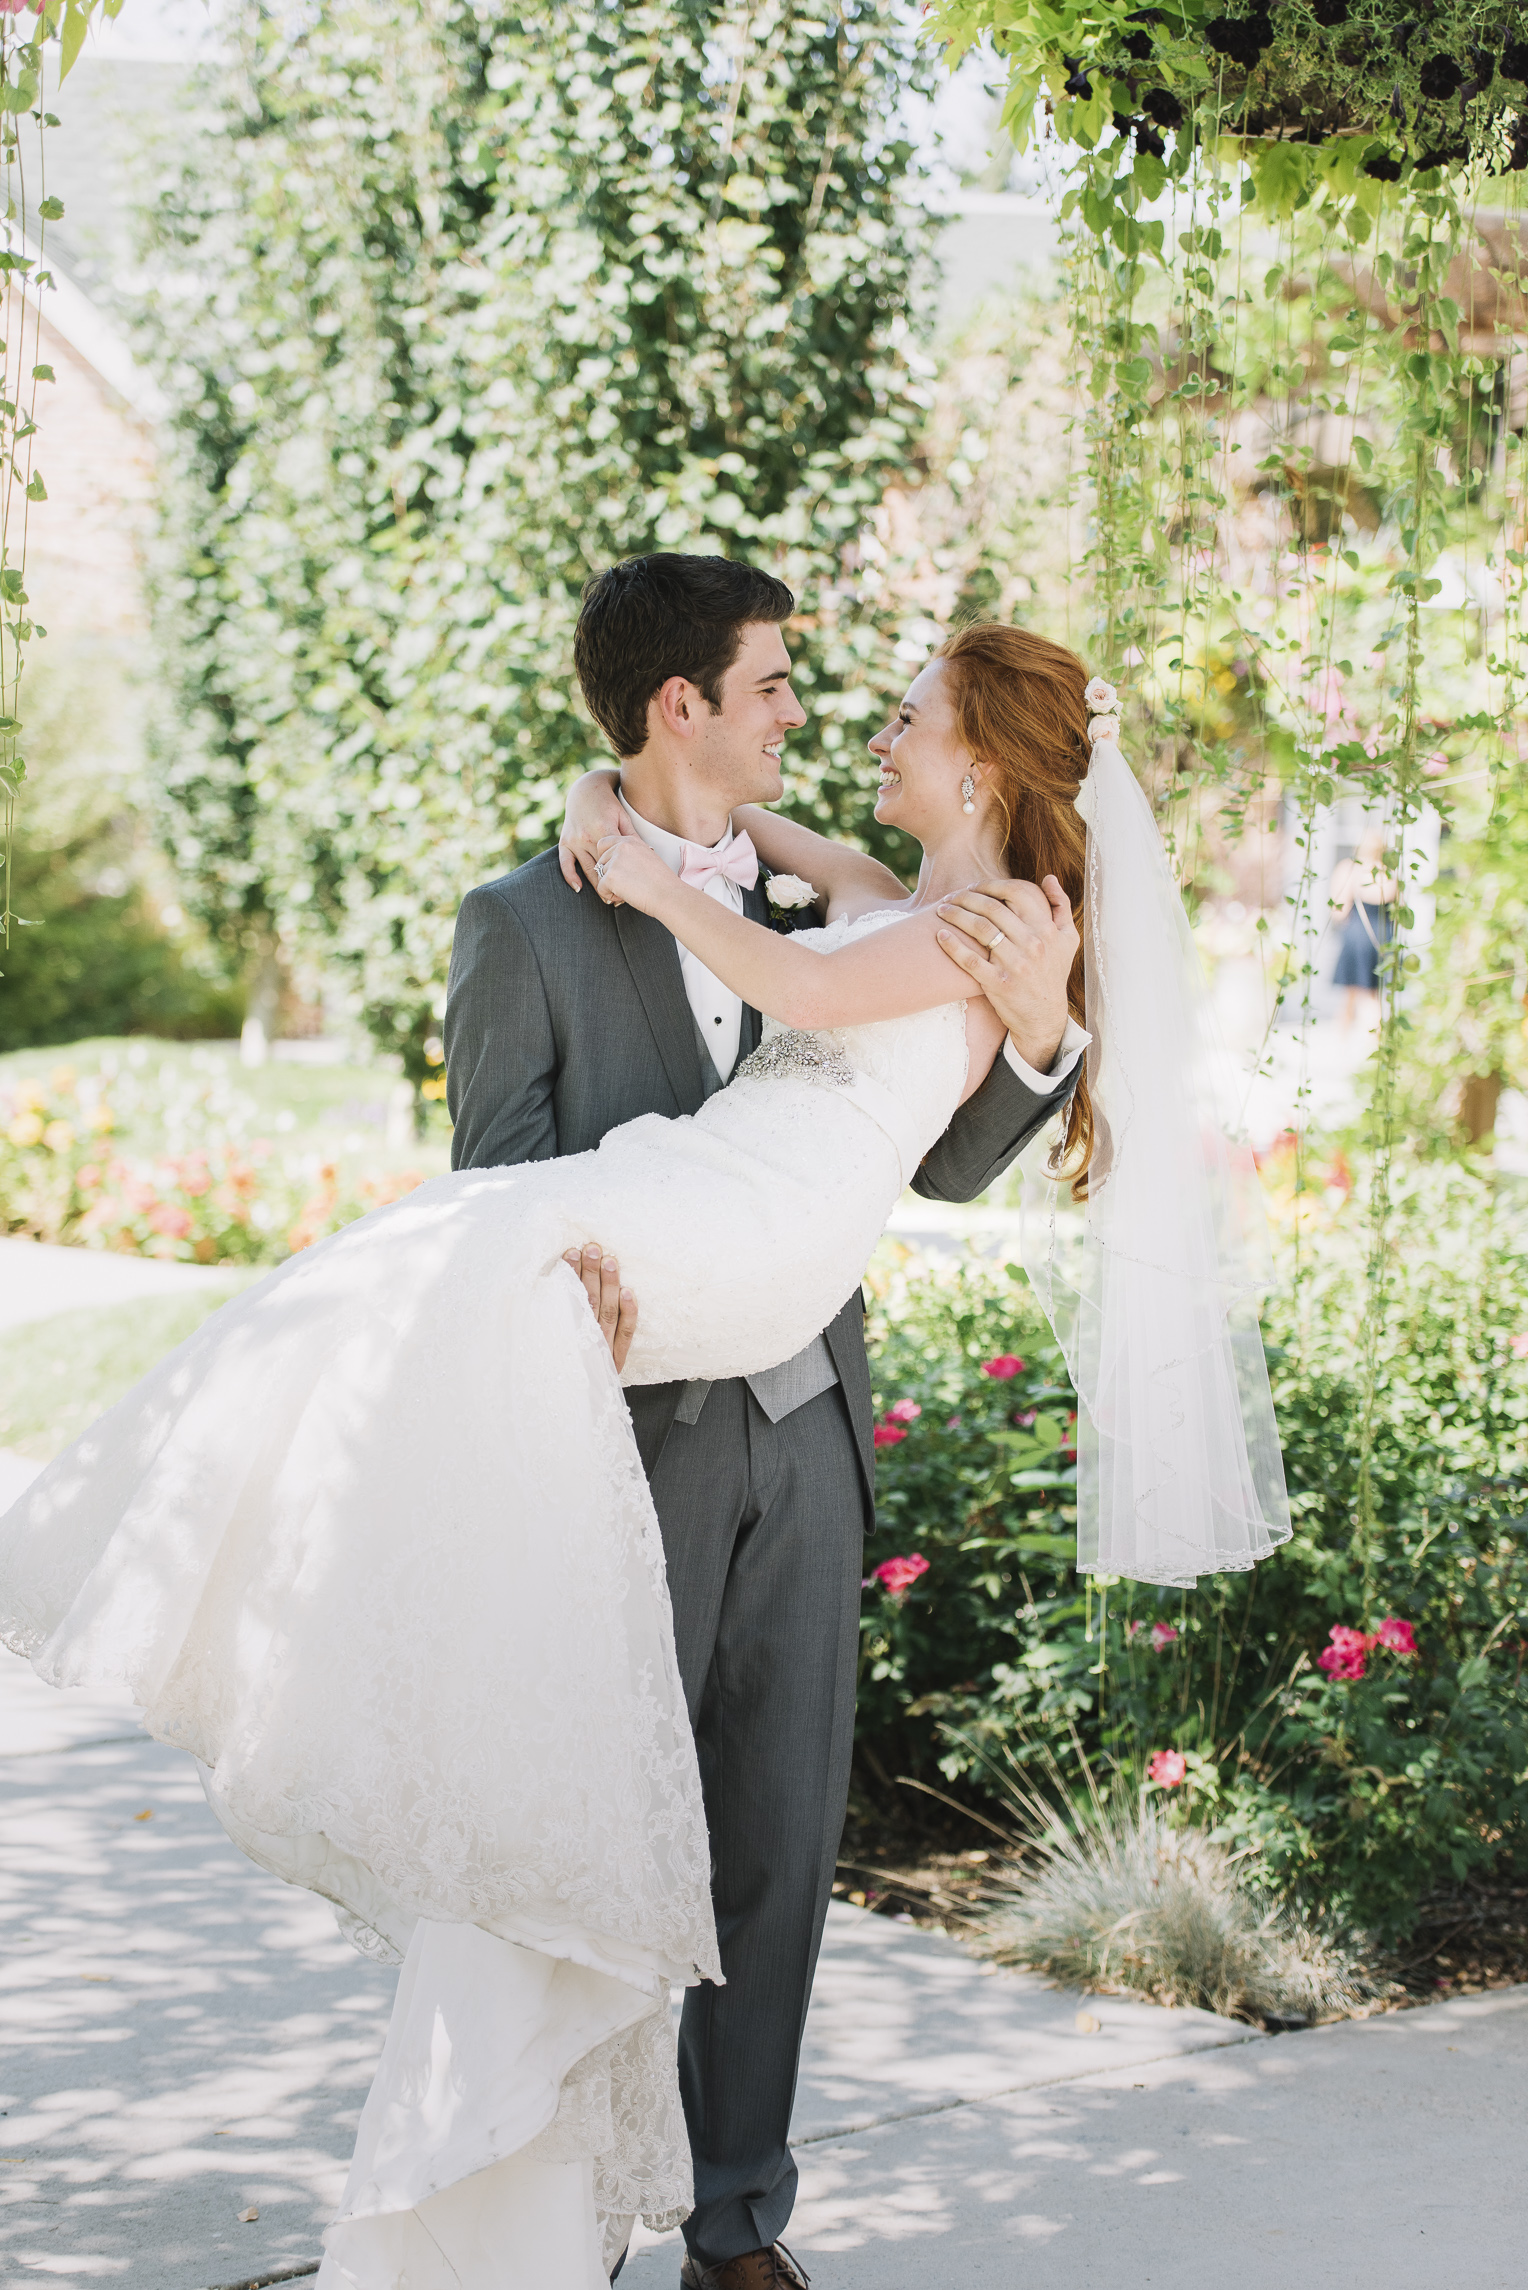 web sized images -- no to print --CALVIN & MCKYLEY WEDDING PHOTOS - COLORADO PHOTOGRAPHER - DEBI RAE PHOTOGRAPHY-1183.jpg